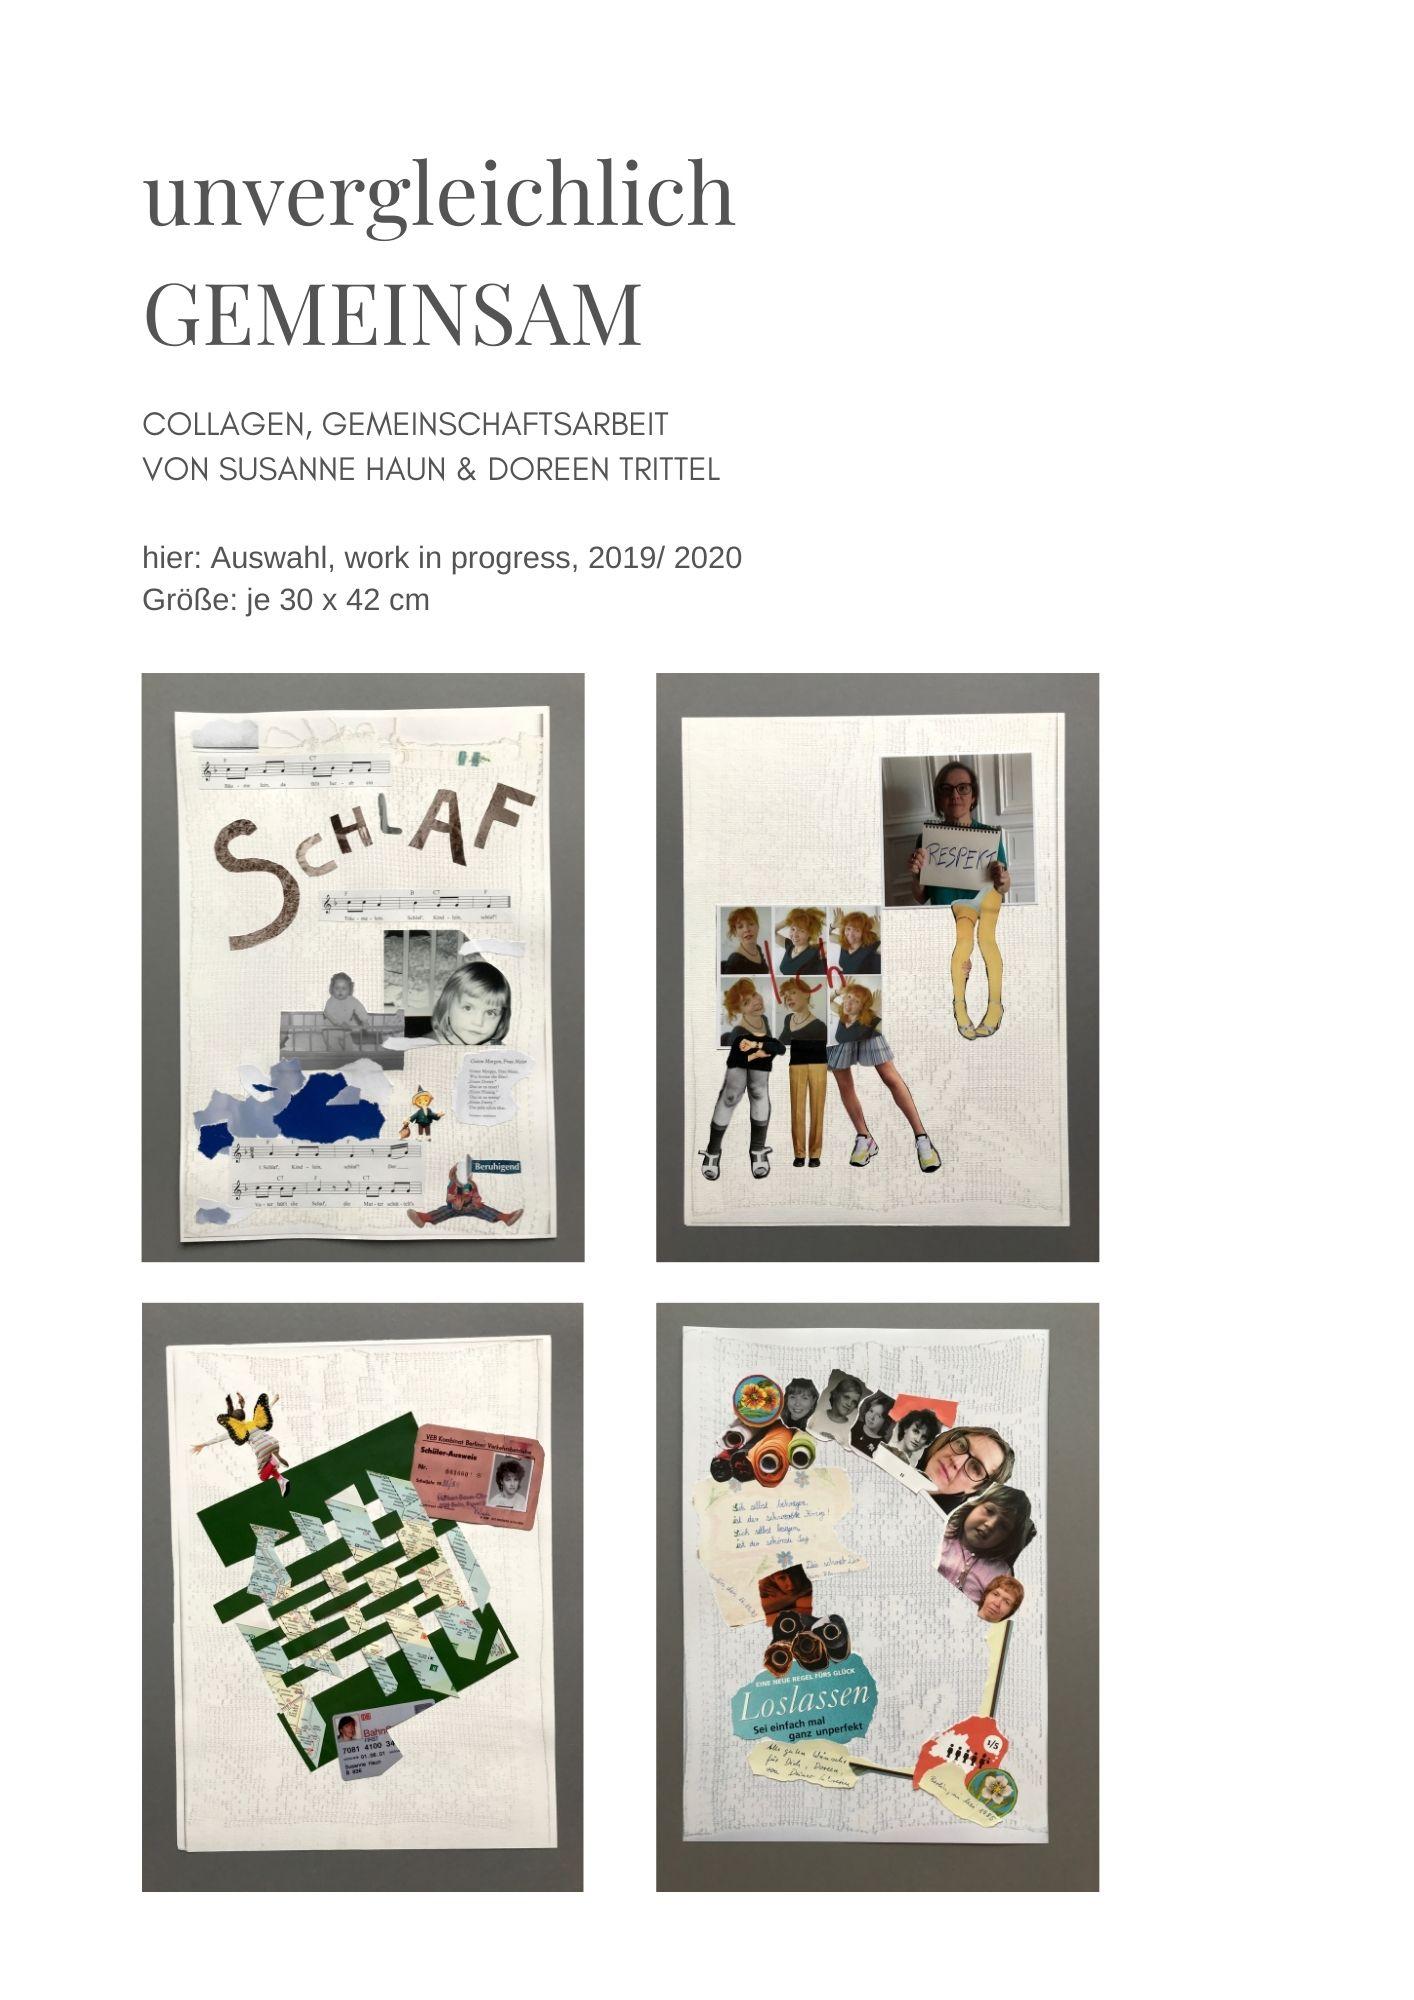 unvergleichlich GEMEINSAM, Collagen, work in progress, (c) Susanne Haun und Doreen Trittel